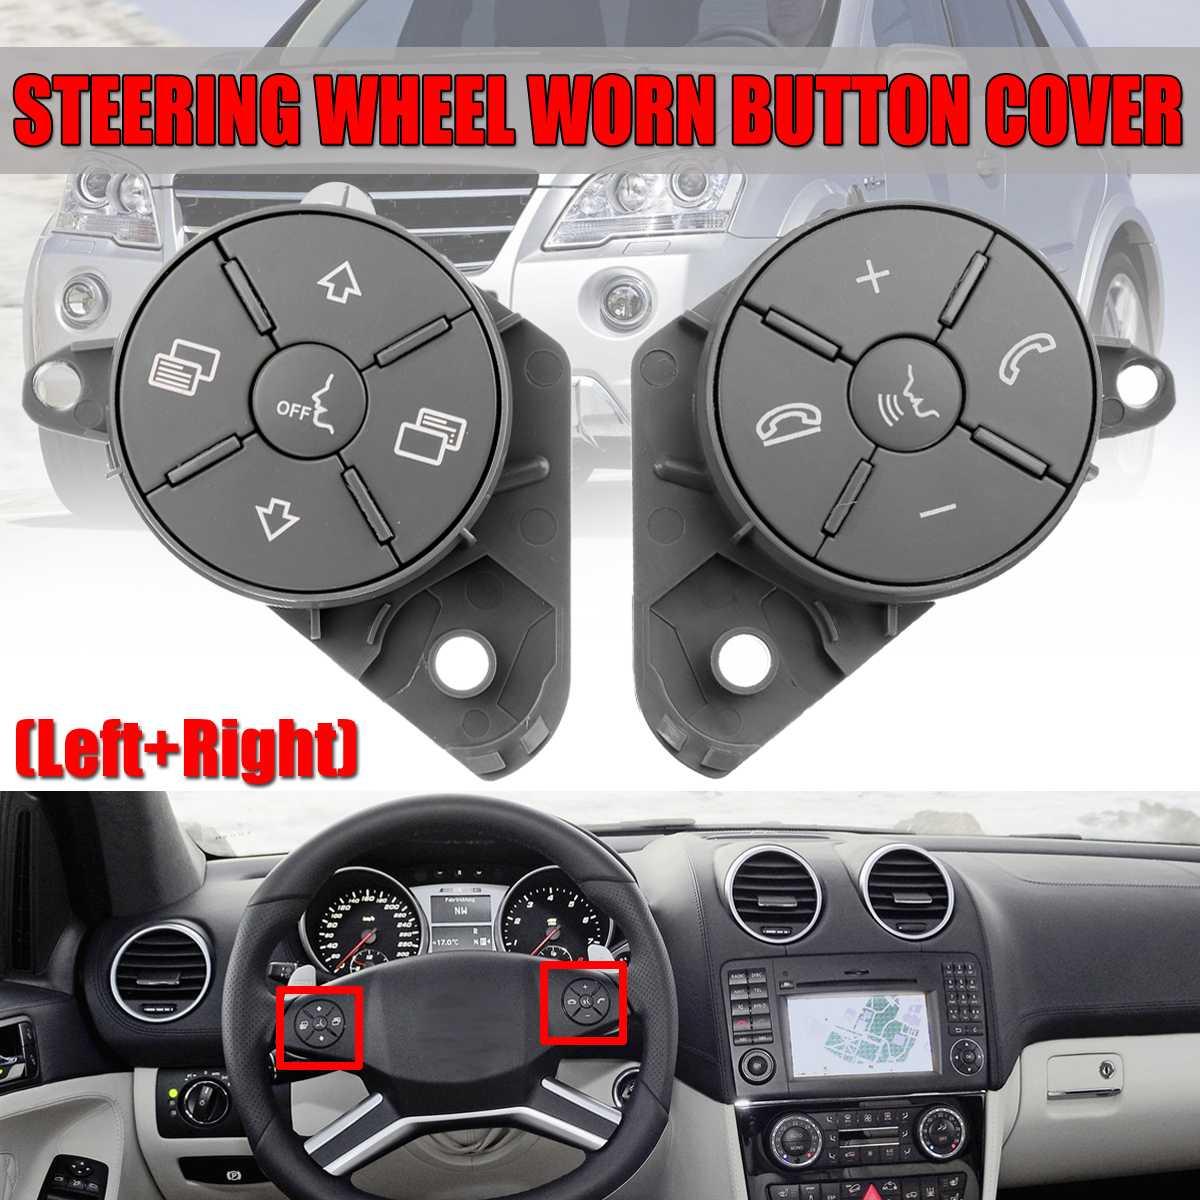 Une paire W164 W251 universel volant de voiture usé bouton interrupteur de commande couvercle pour Mercedes pour W164 ML GL W251 RClass 2010-2012